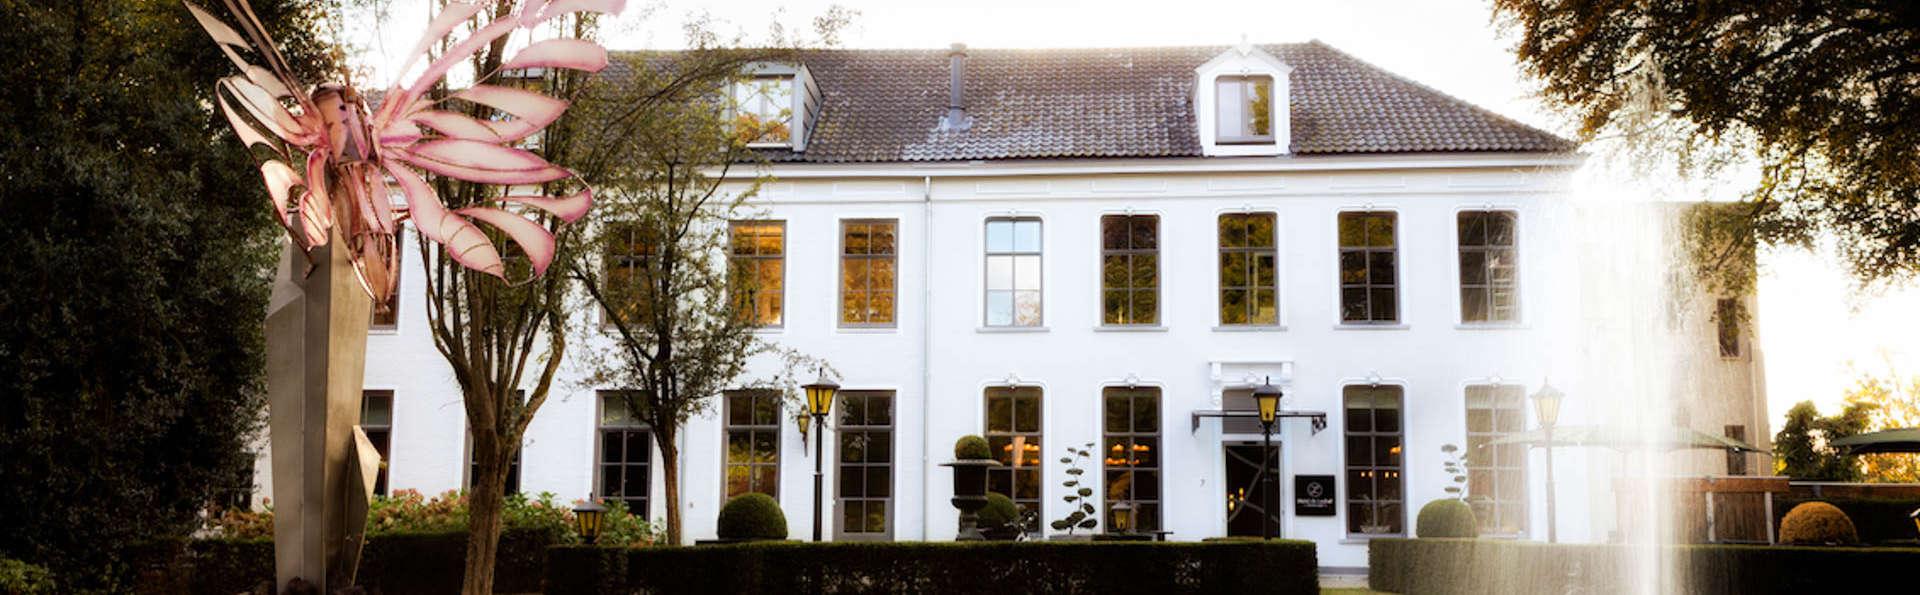 Hotel de Leijhof Oisterwijk - EDIT_NEW_FRONT.jpg